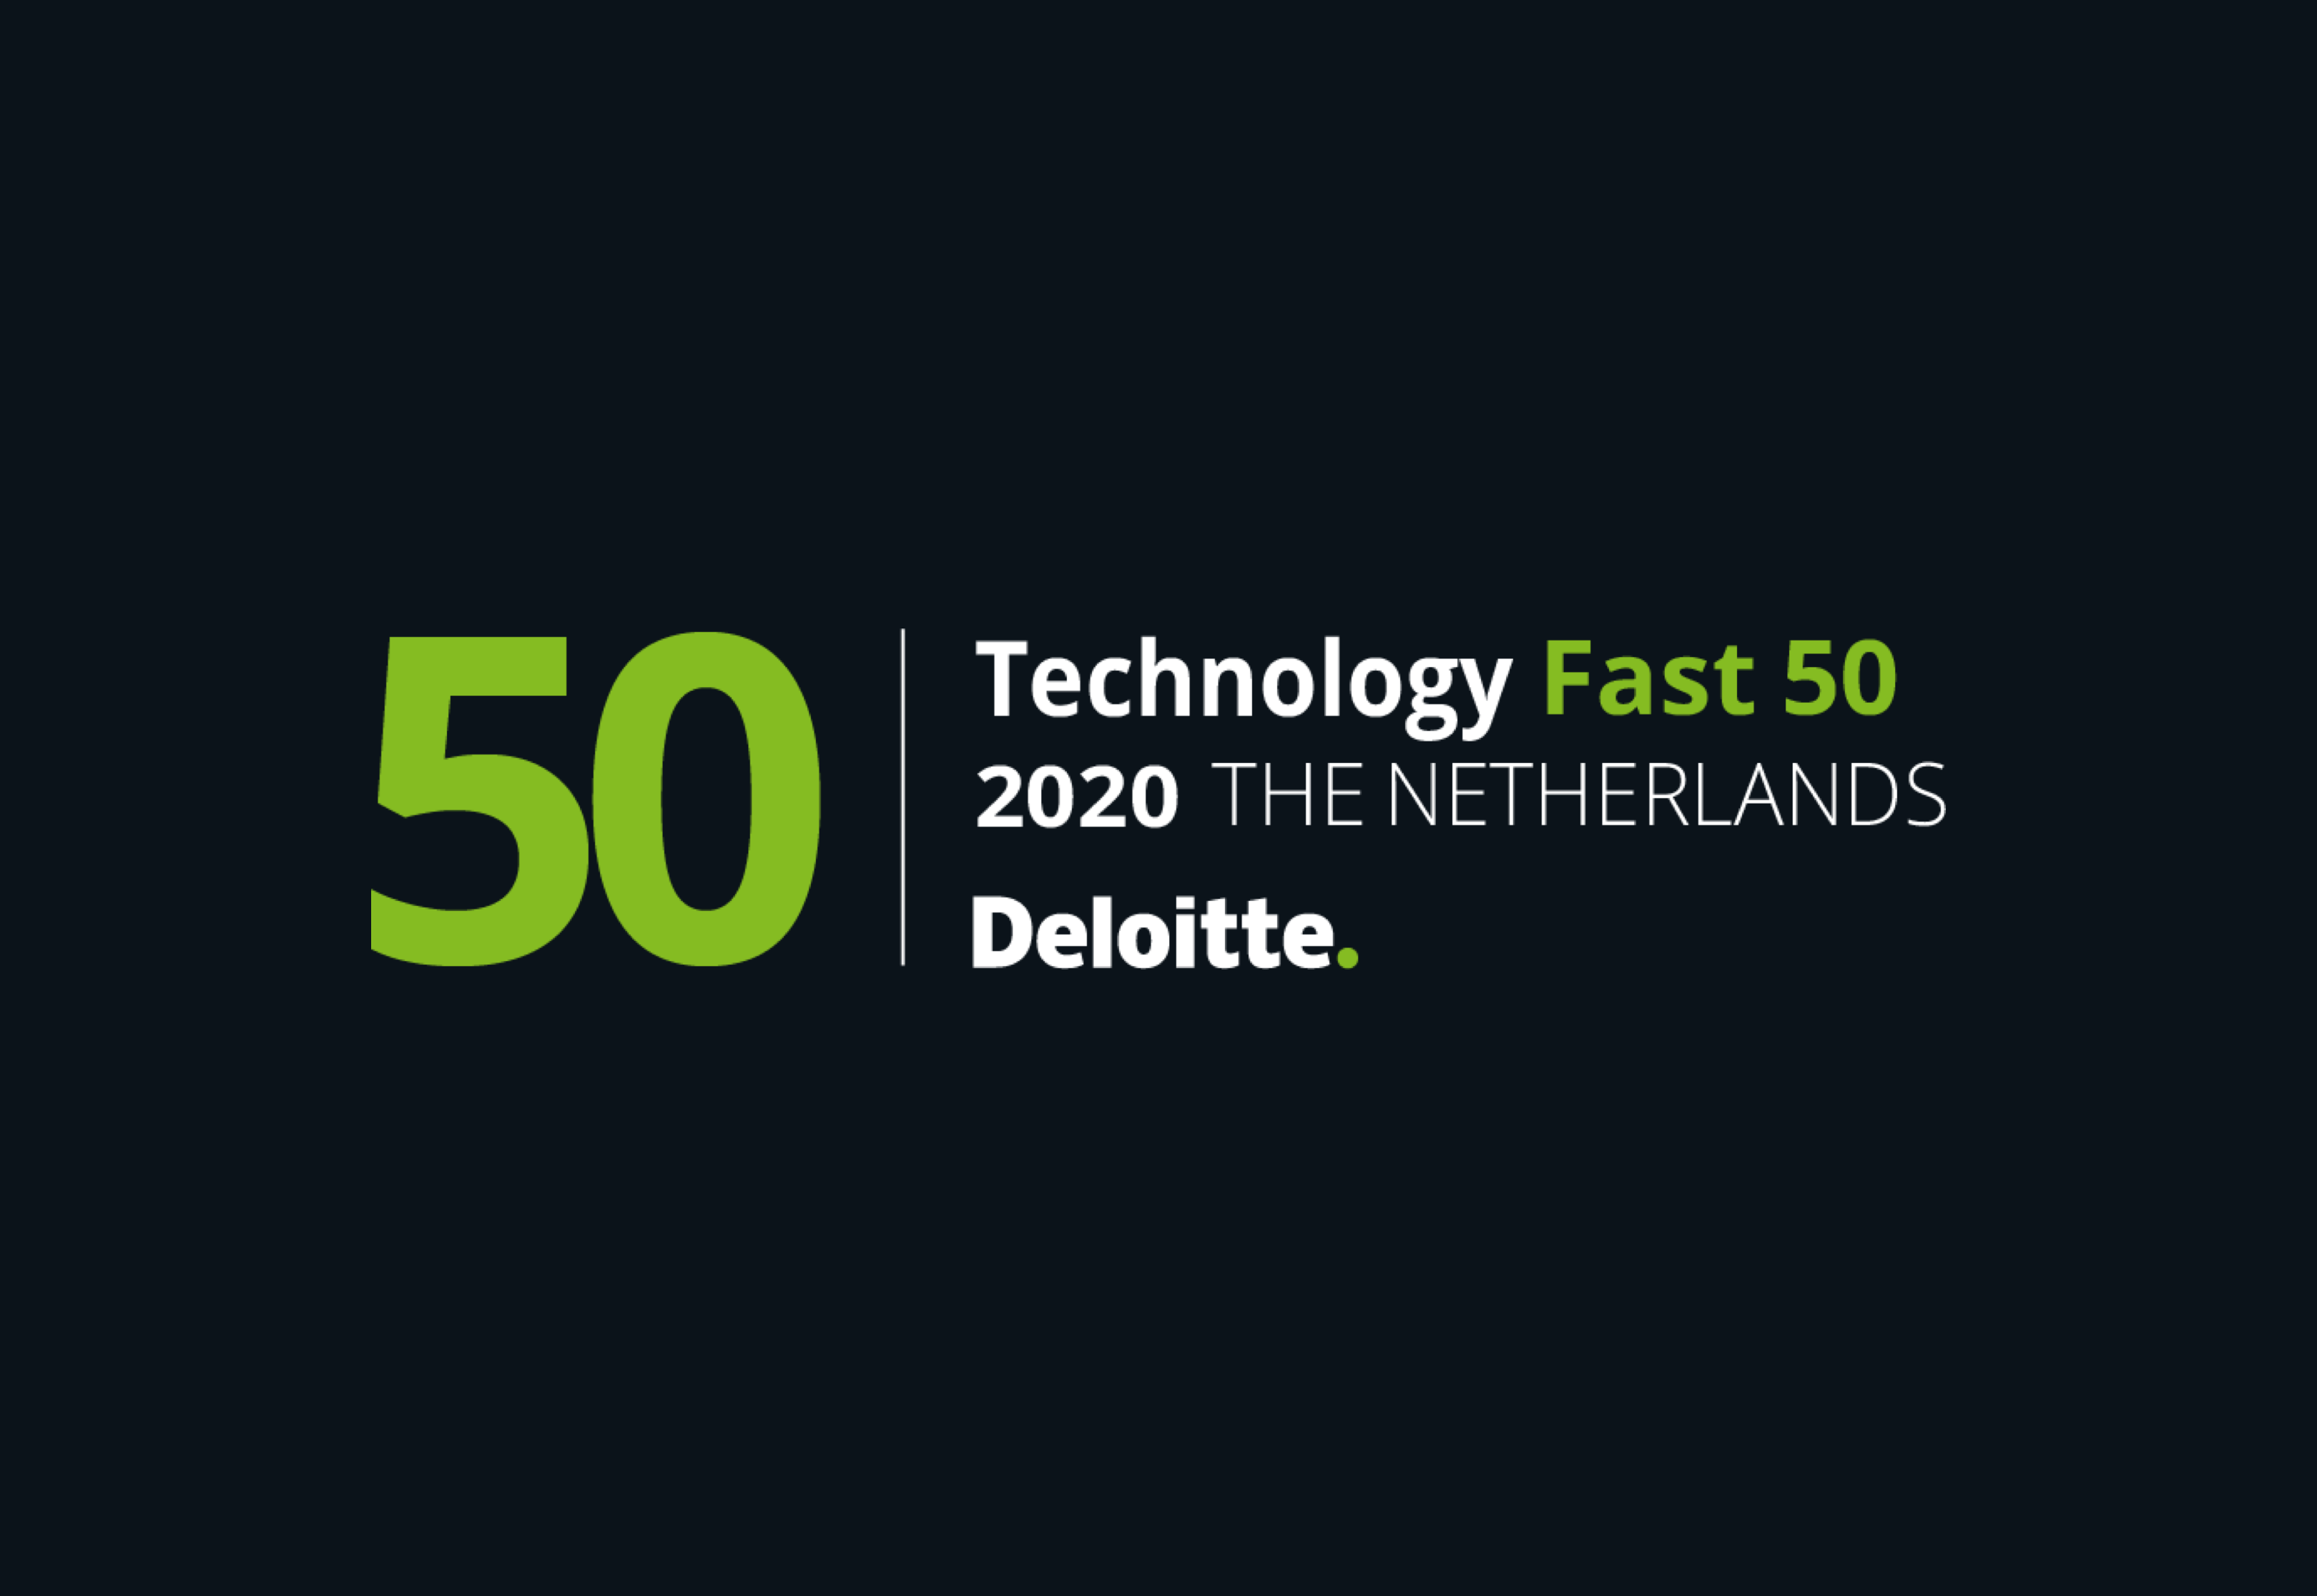 We zijn overdonderd, Cube staat in de Deloitte Technology Fast 50!